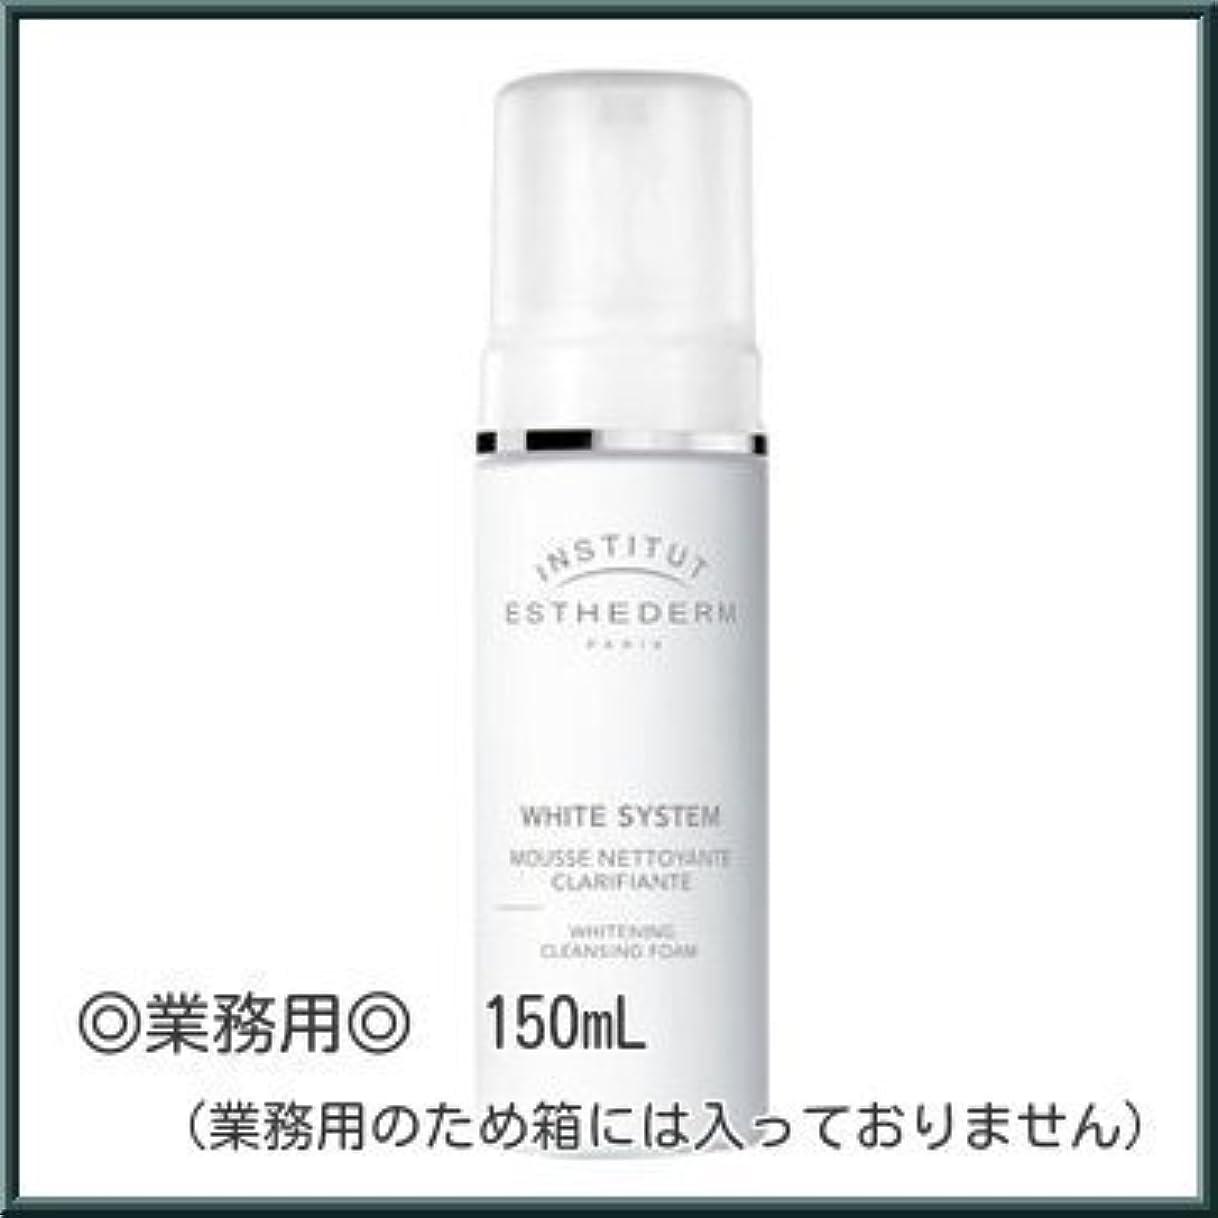 プット記念日公爵夫人【業務用】エステダム ホワイト クレンジング ムース 150ml